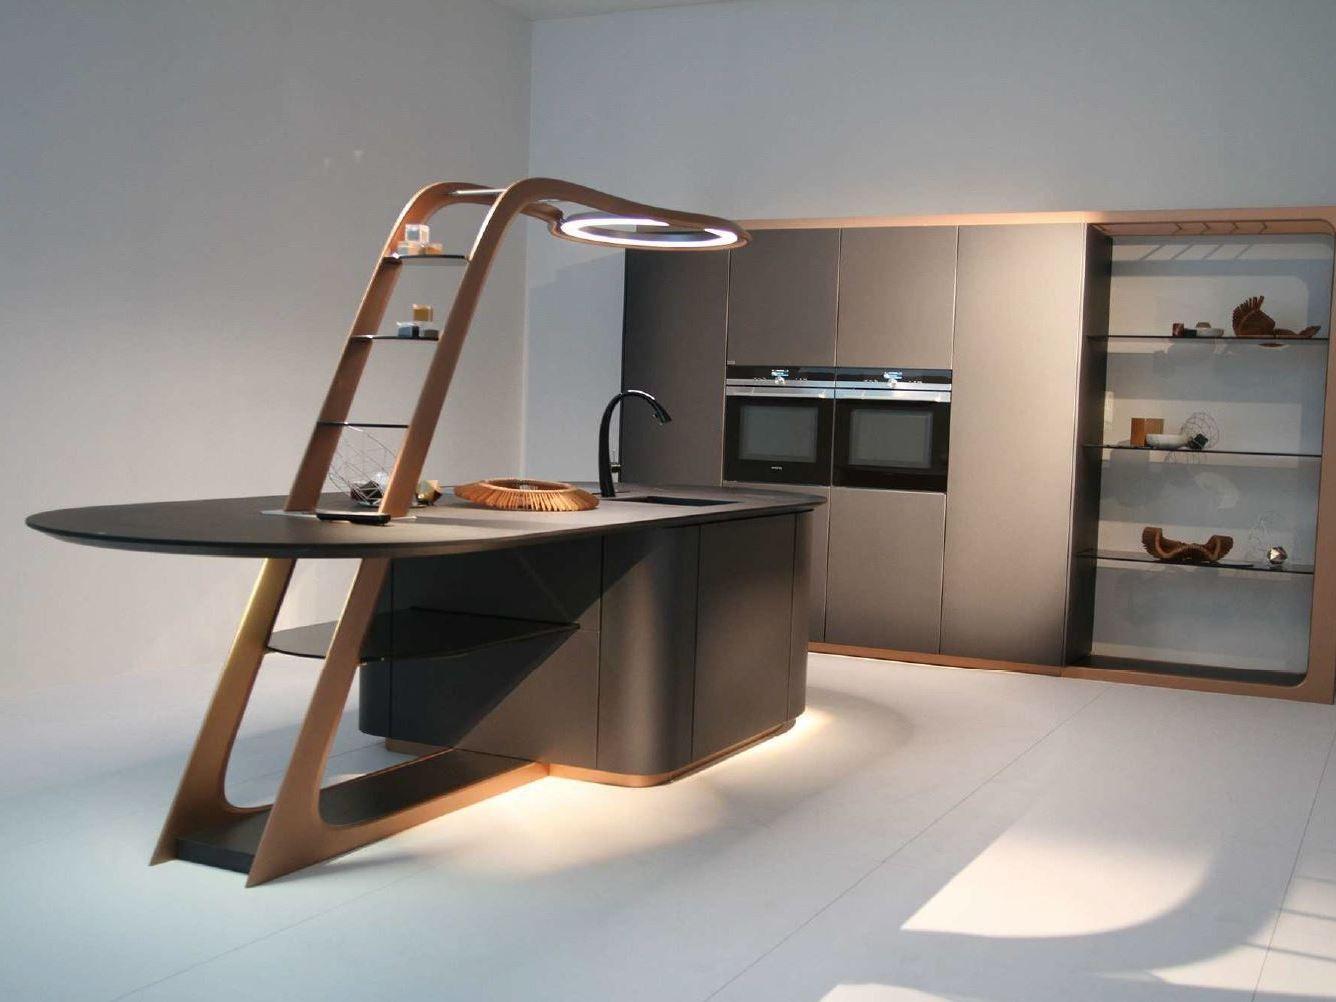 Cuisine laqu e avec lot aria by snaidero for Cuisine 3d solidworks